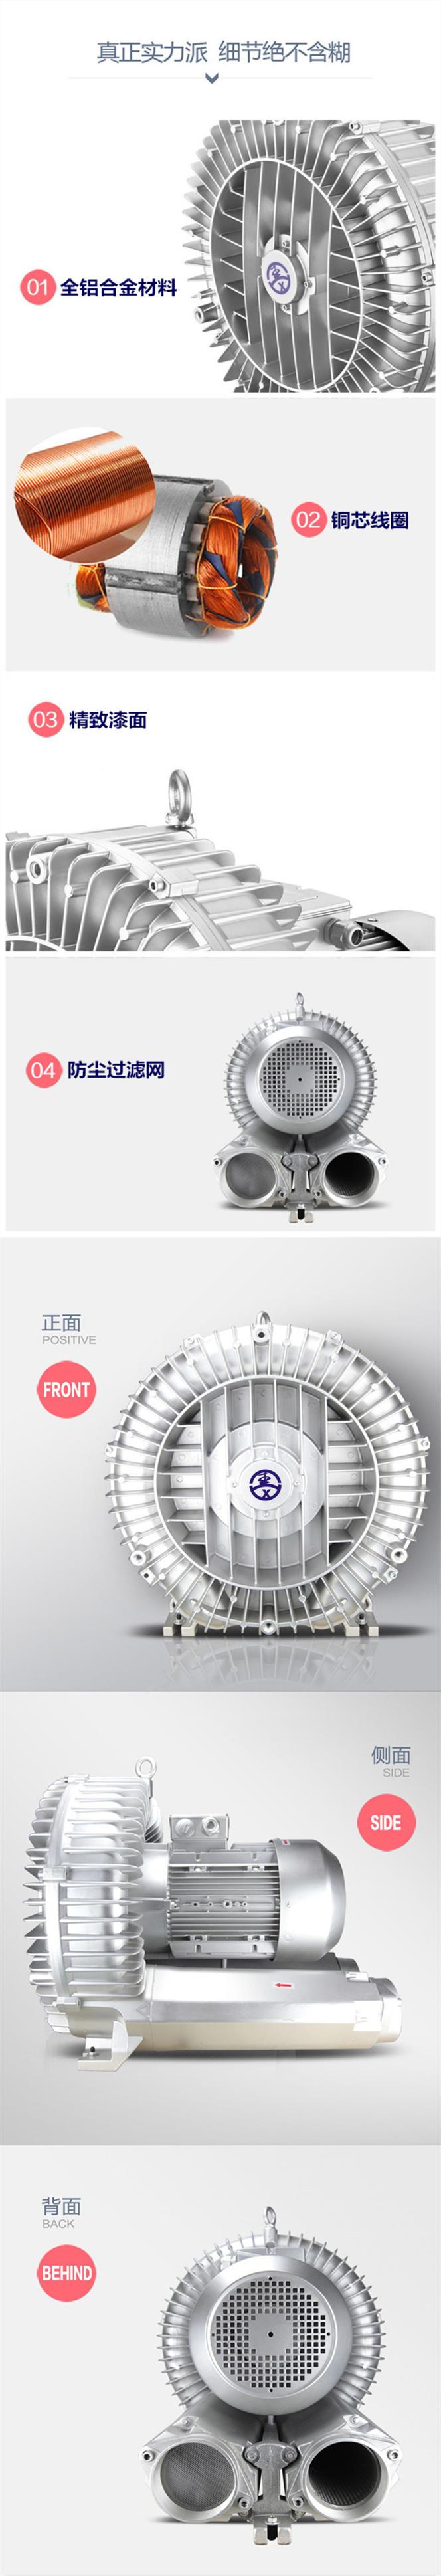 TWYX纸张吸附高压风机RB系列高压风机 YX系列旋涡气泵一体化污水曝气铸铝全风高压风机示例图5